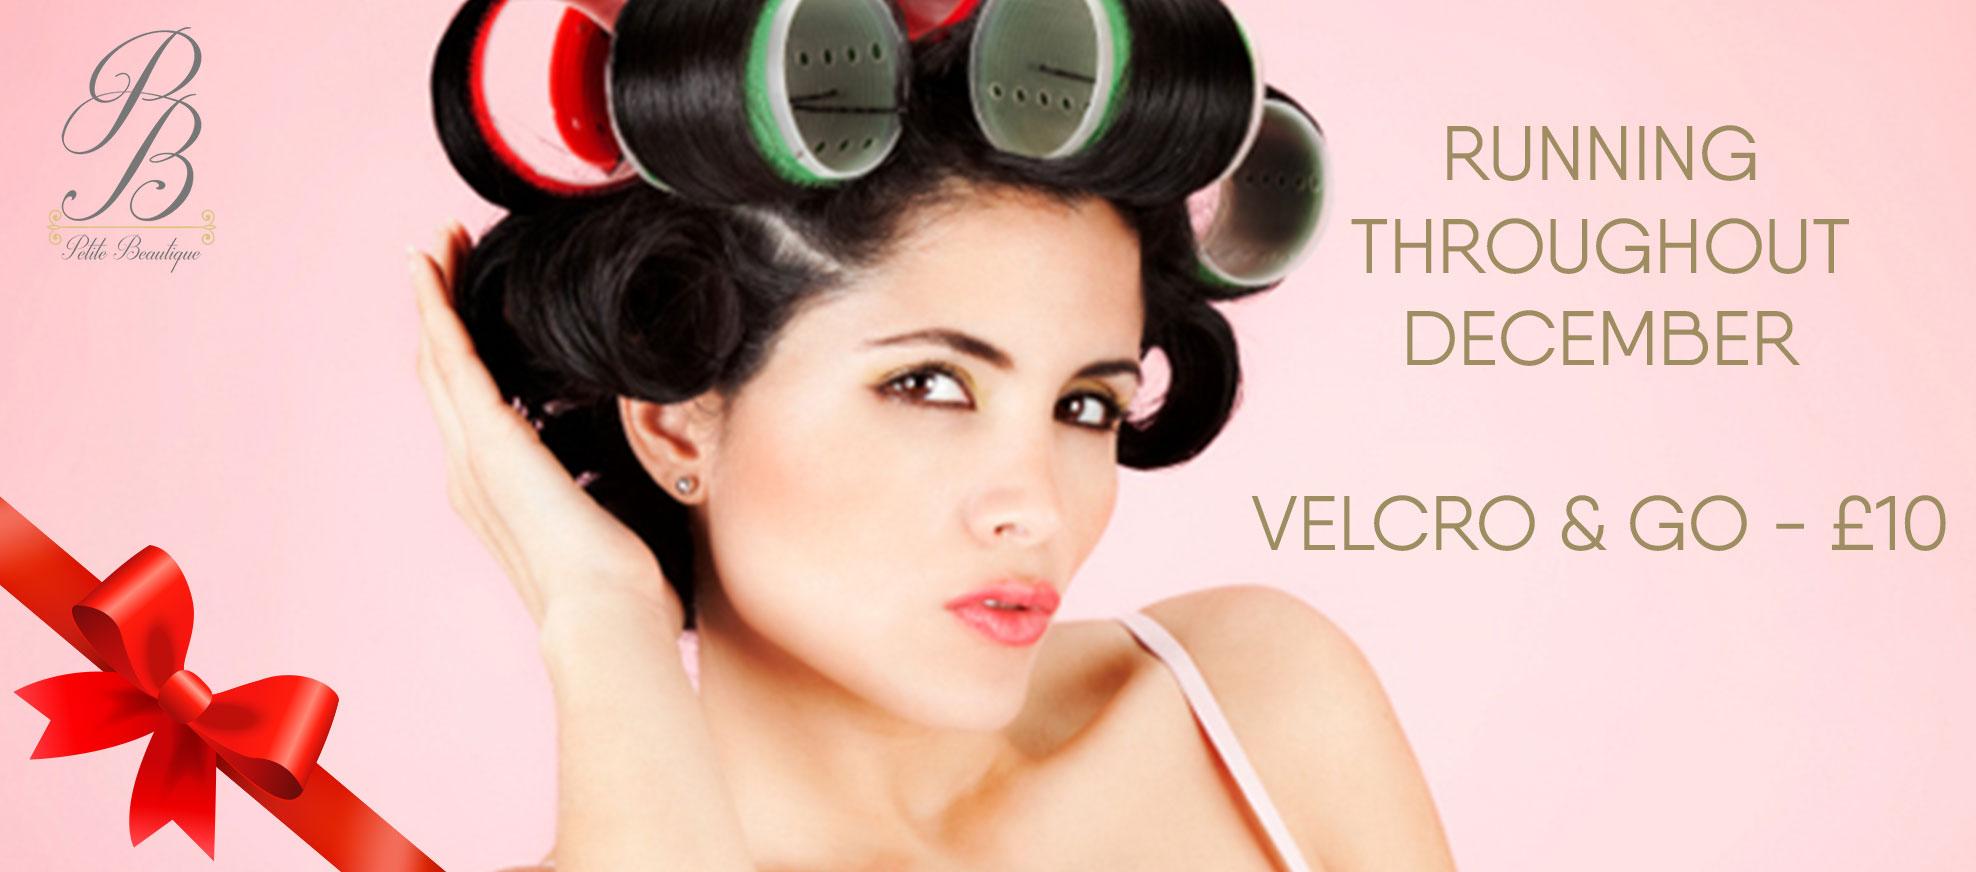 velcro-and-go